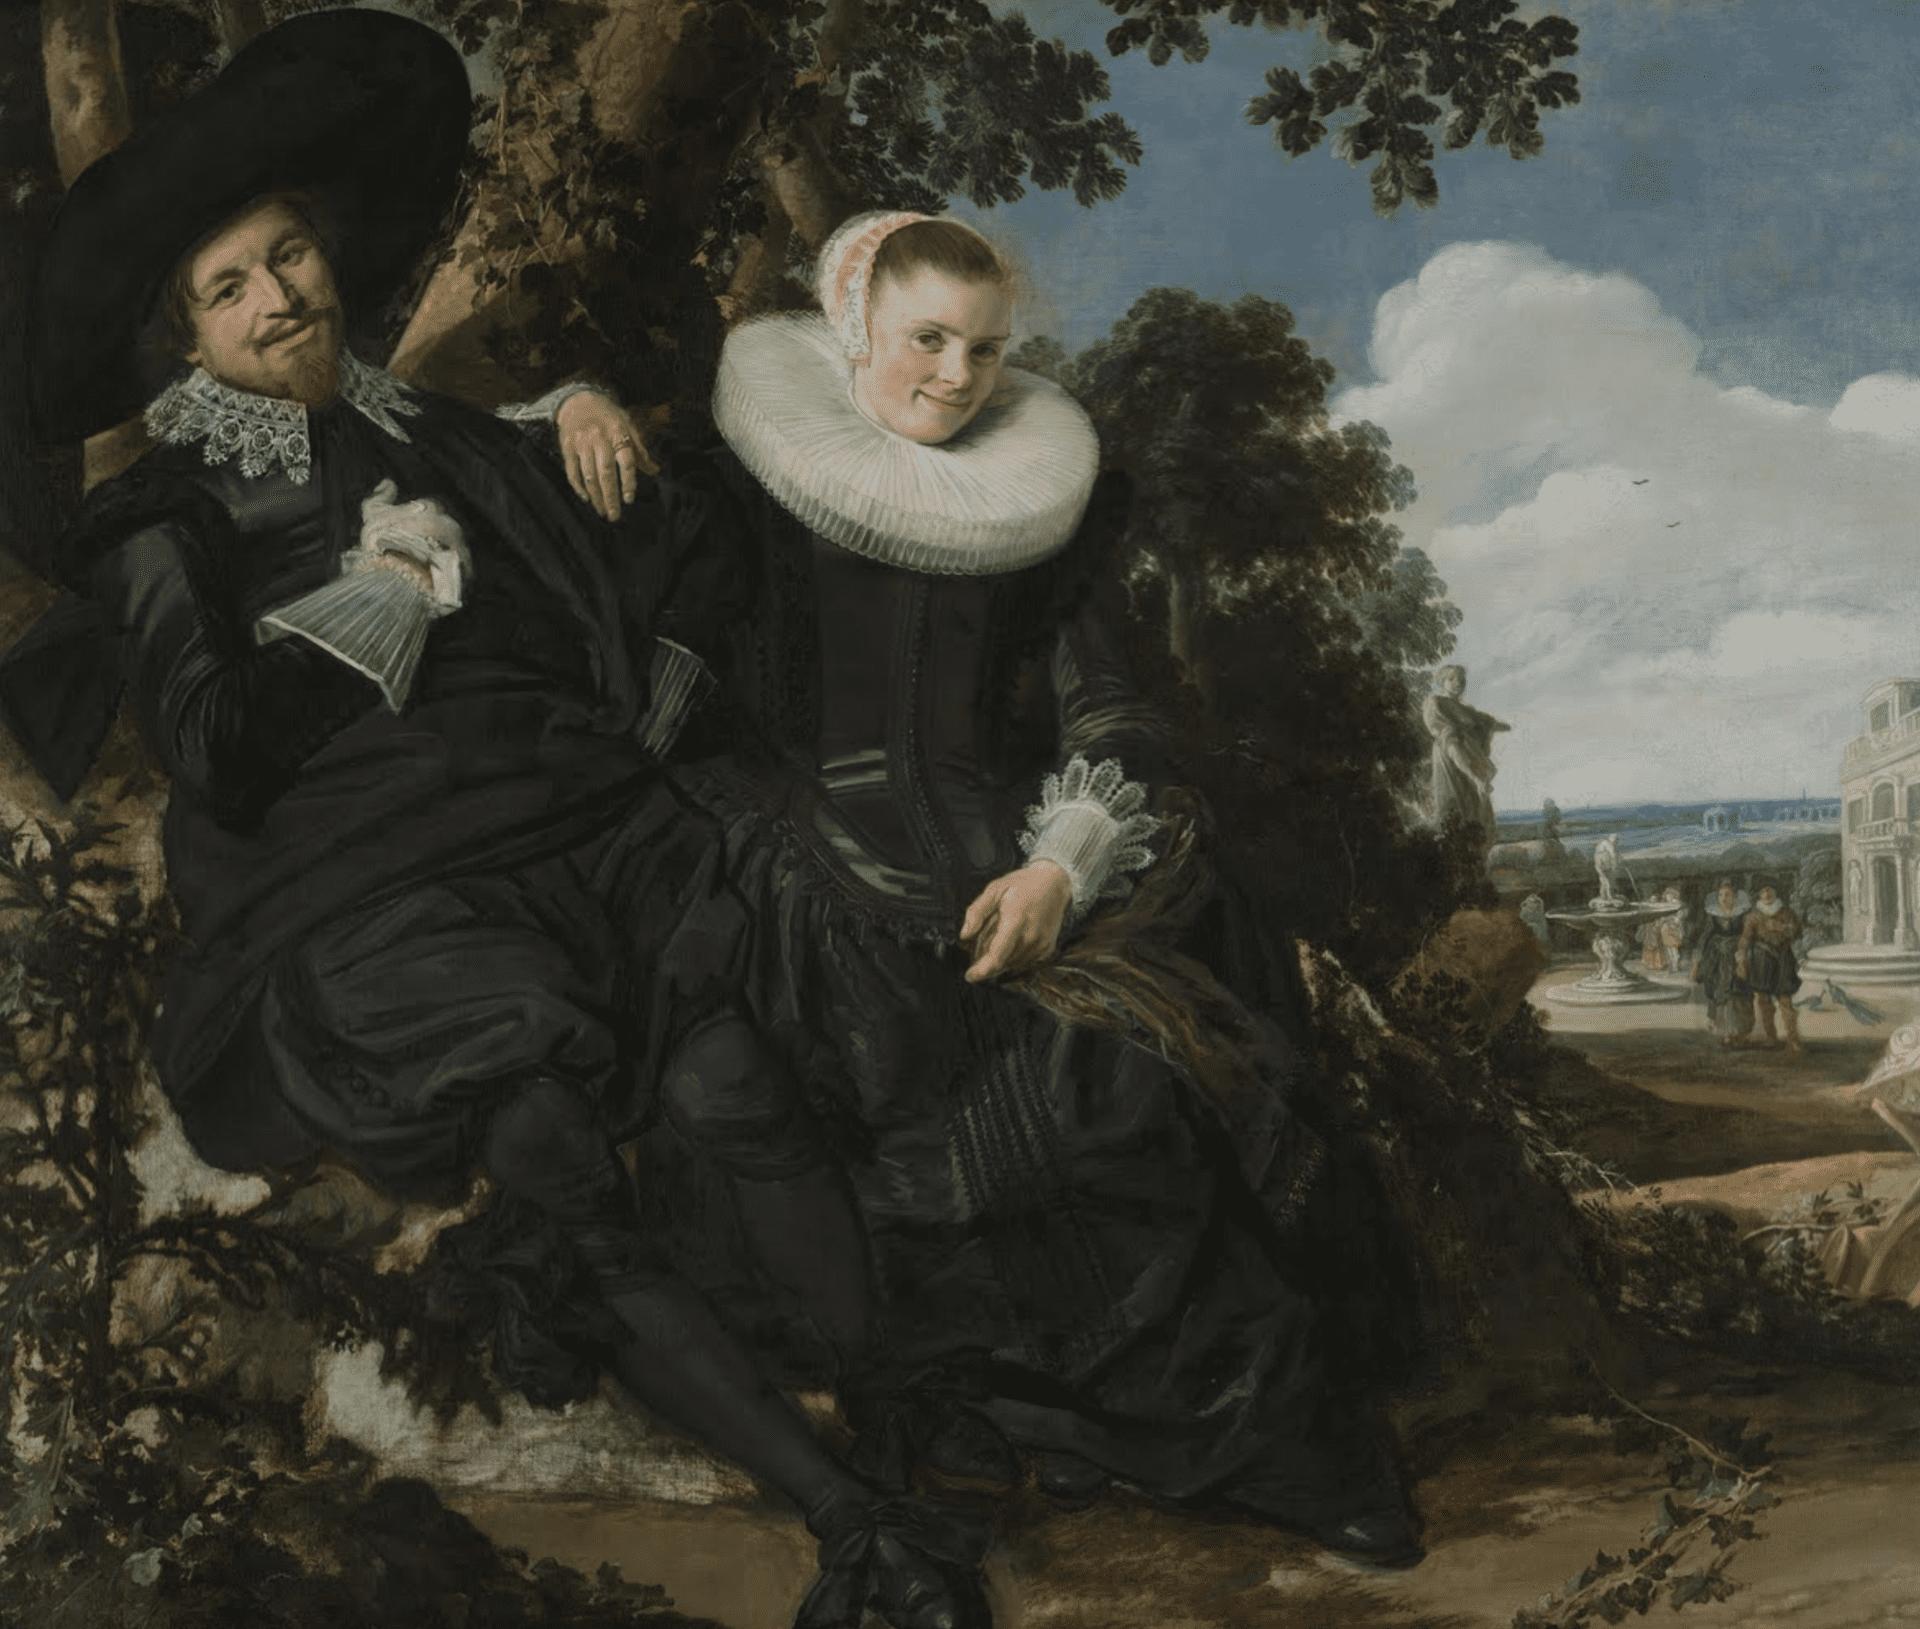 Le Rijksmuseum met à disposition 709 000 œuvres gratuitement en HD ! (vidéo sur Bidfoly.com) Par Maxime Delmas Musee-rijksmuseum-oeuvres-3-1920x1629